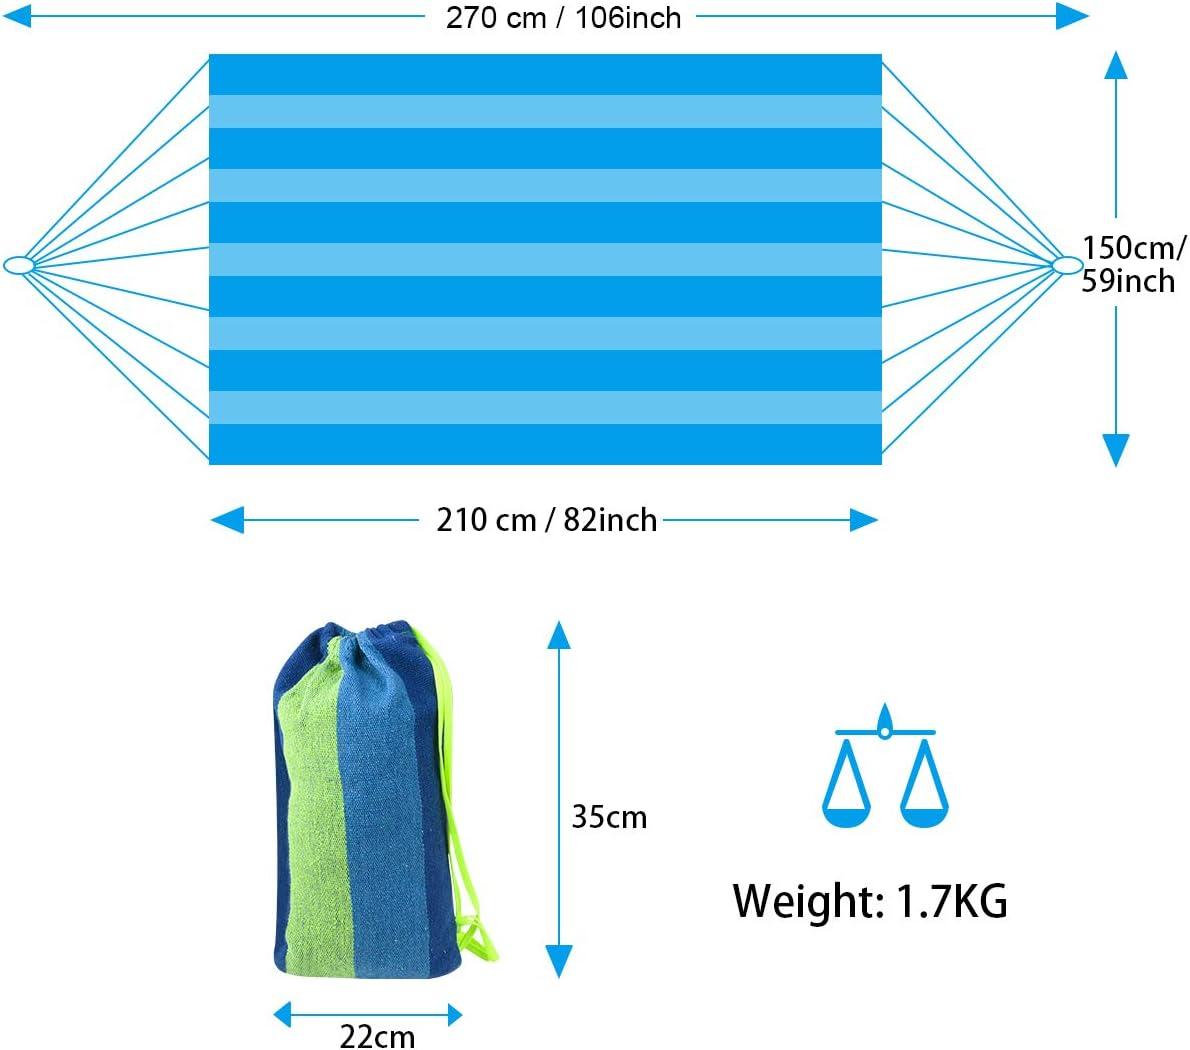 Blu Barre per la Diffusione Amaca da Esterno per Giardino 210 x 150CM flintronic Amaca da Giardino Massima capacit/à di Carico 300KG Amache di Cotone per Esterno Campeggio Viaggio